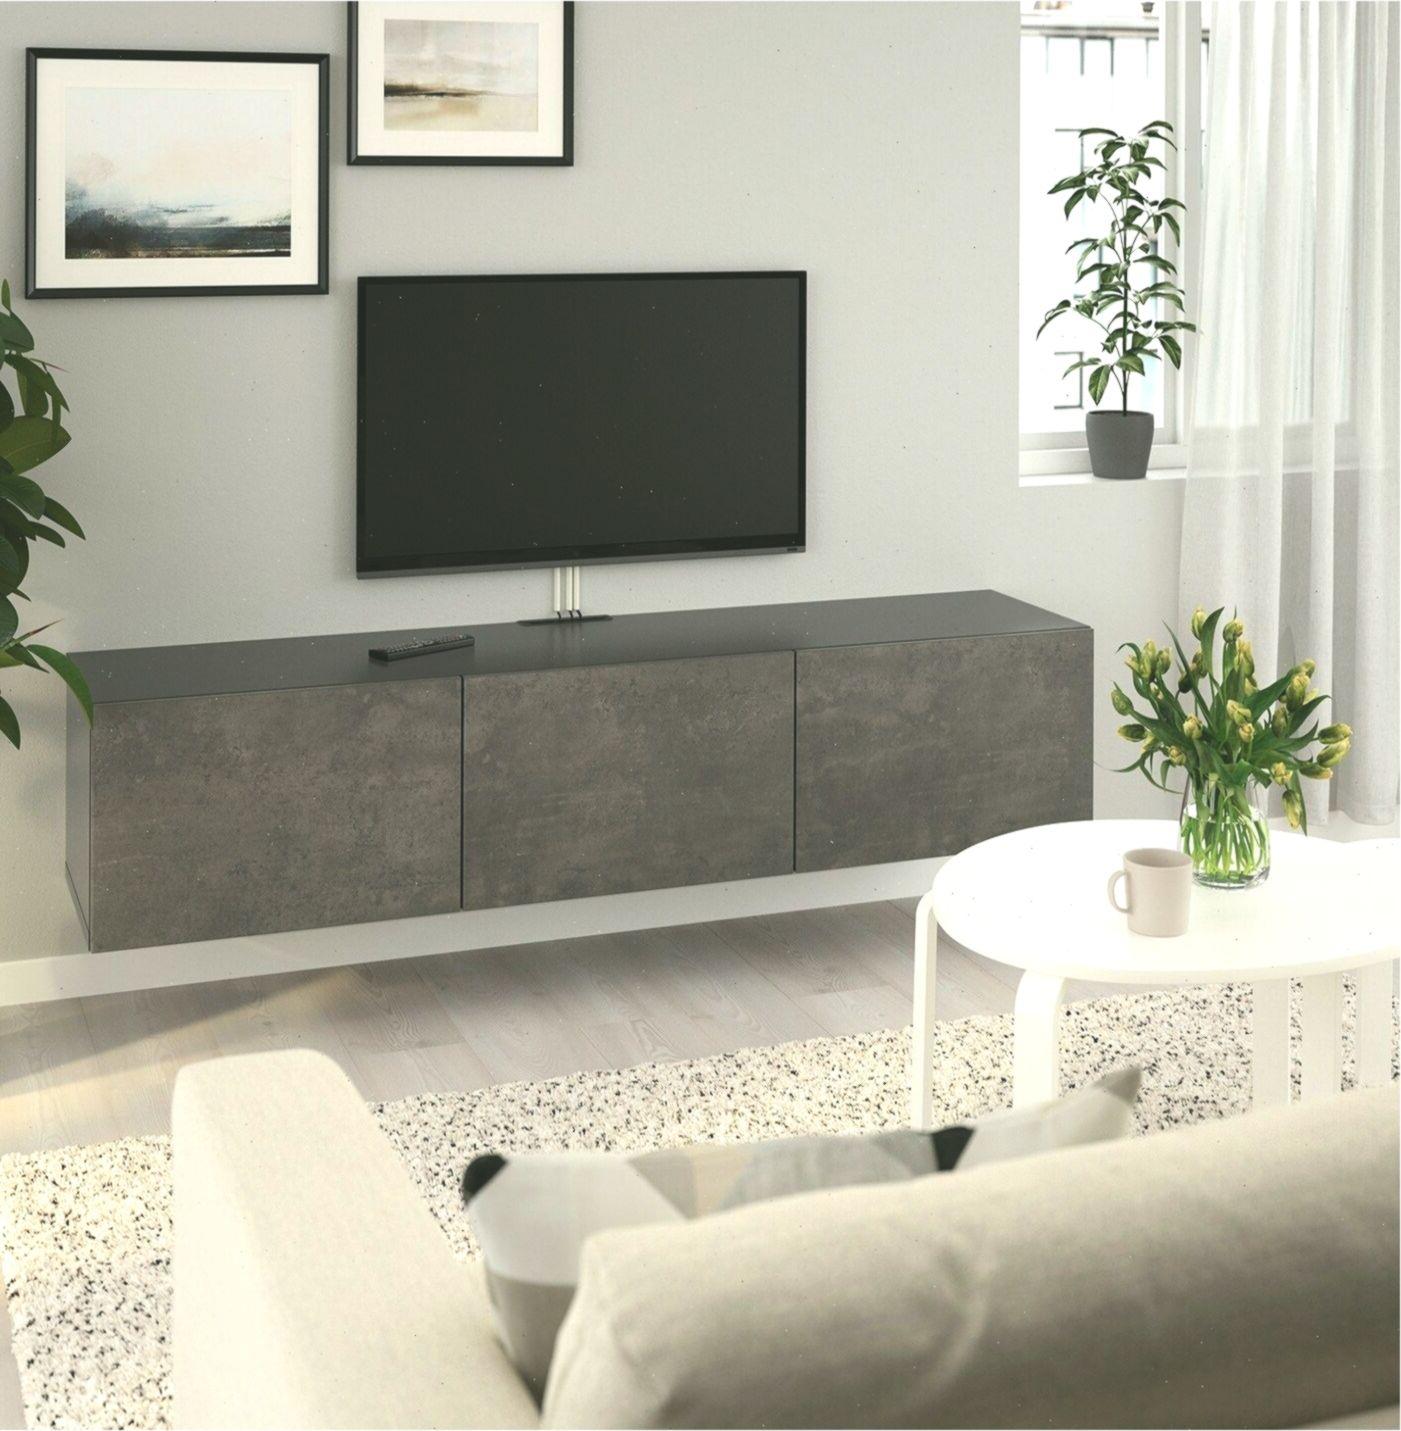 Ikea Besta Tv Unit With Doors Black Brown Kallviken Concrete